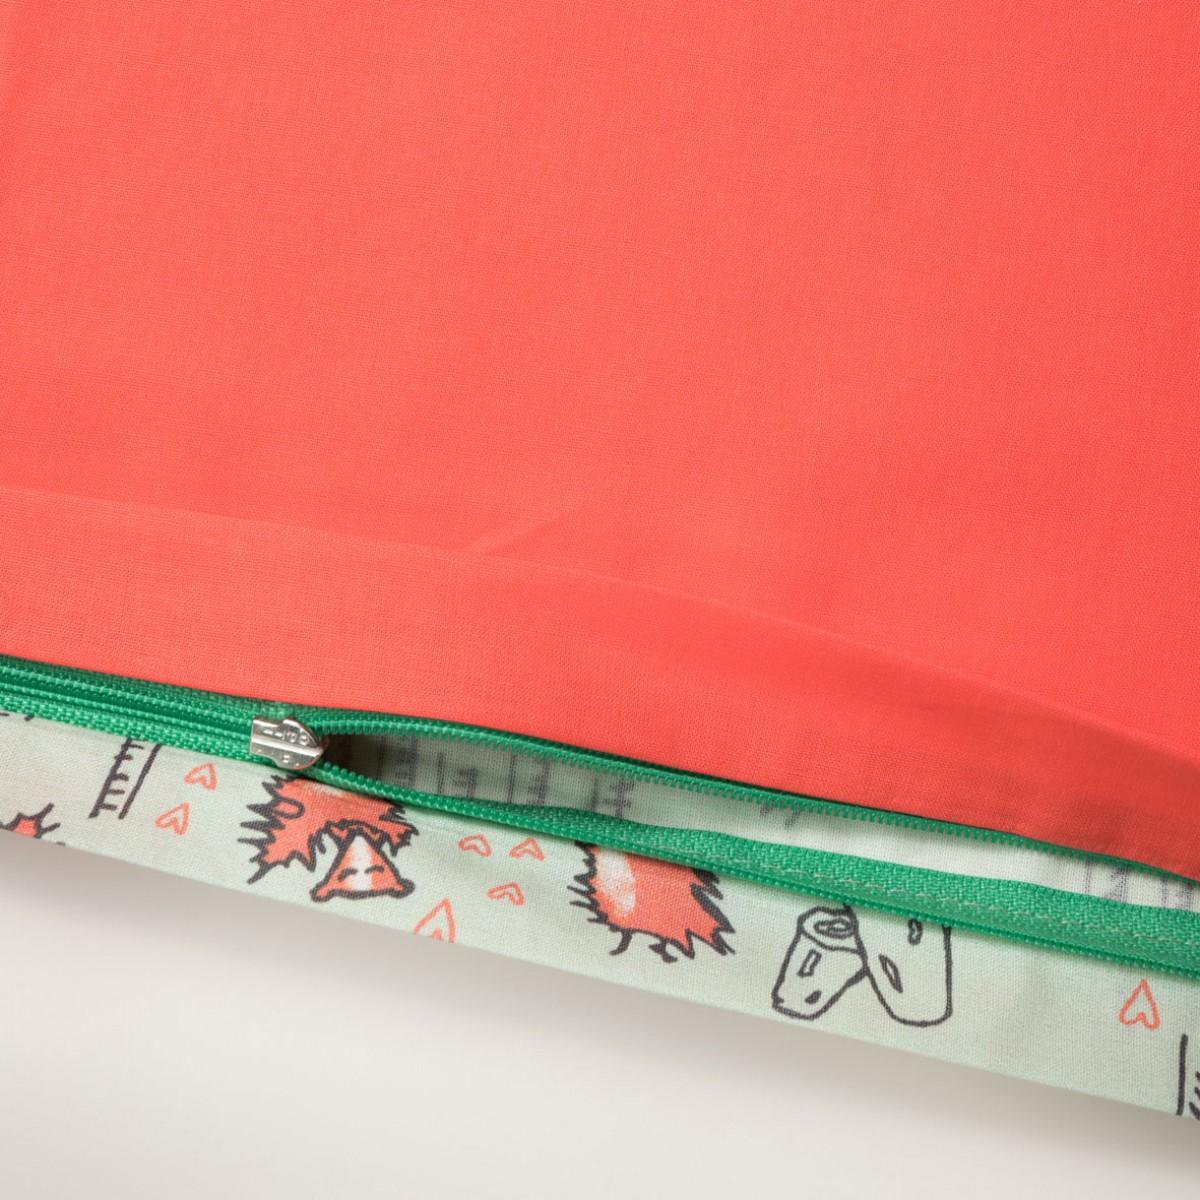 sch n oder verliebte stinktiere bettw sche 100 x 135 60 x 40 cm green lily hot moral. Black Bedroom Furniture Sets. Home Design Ideas